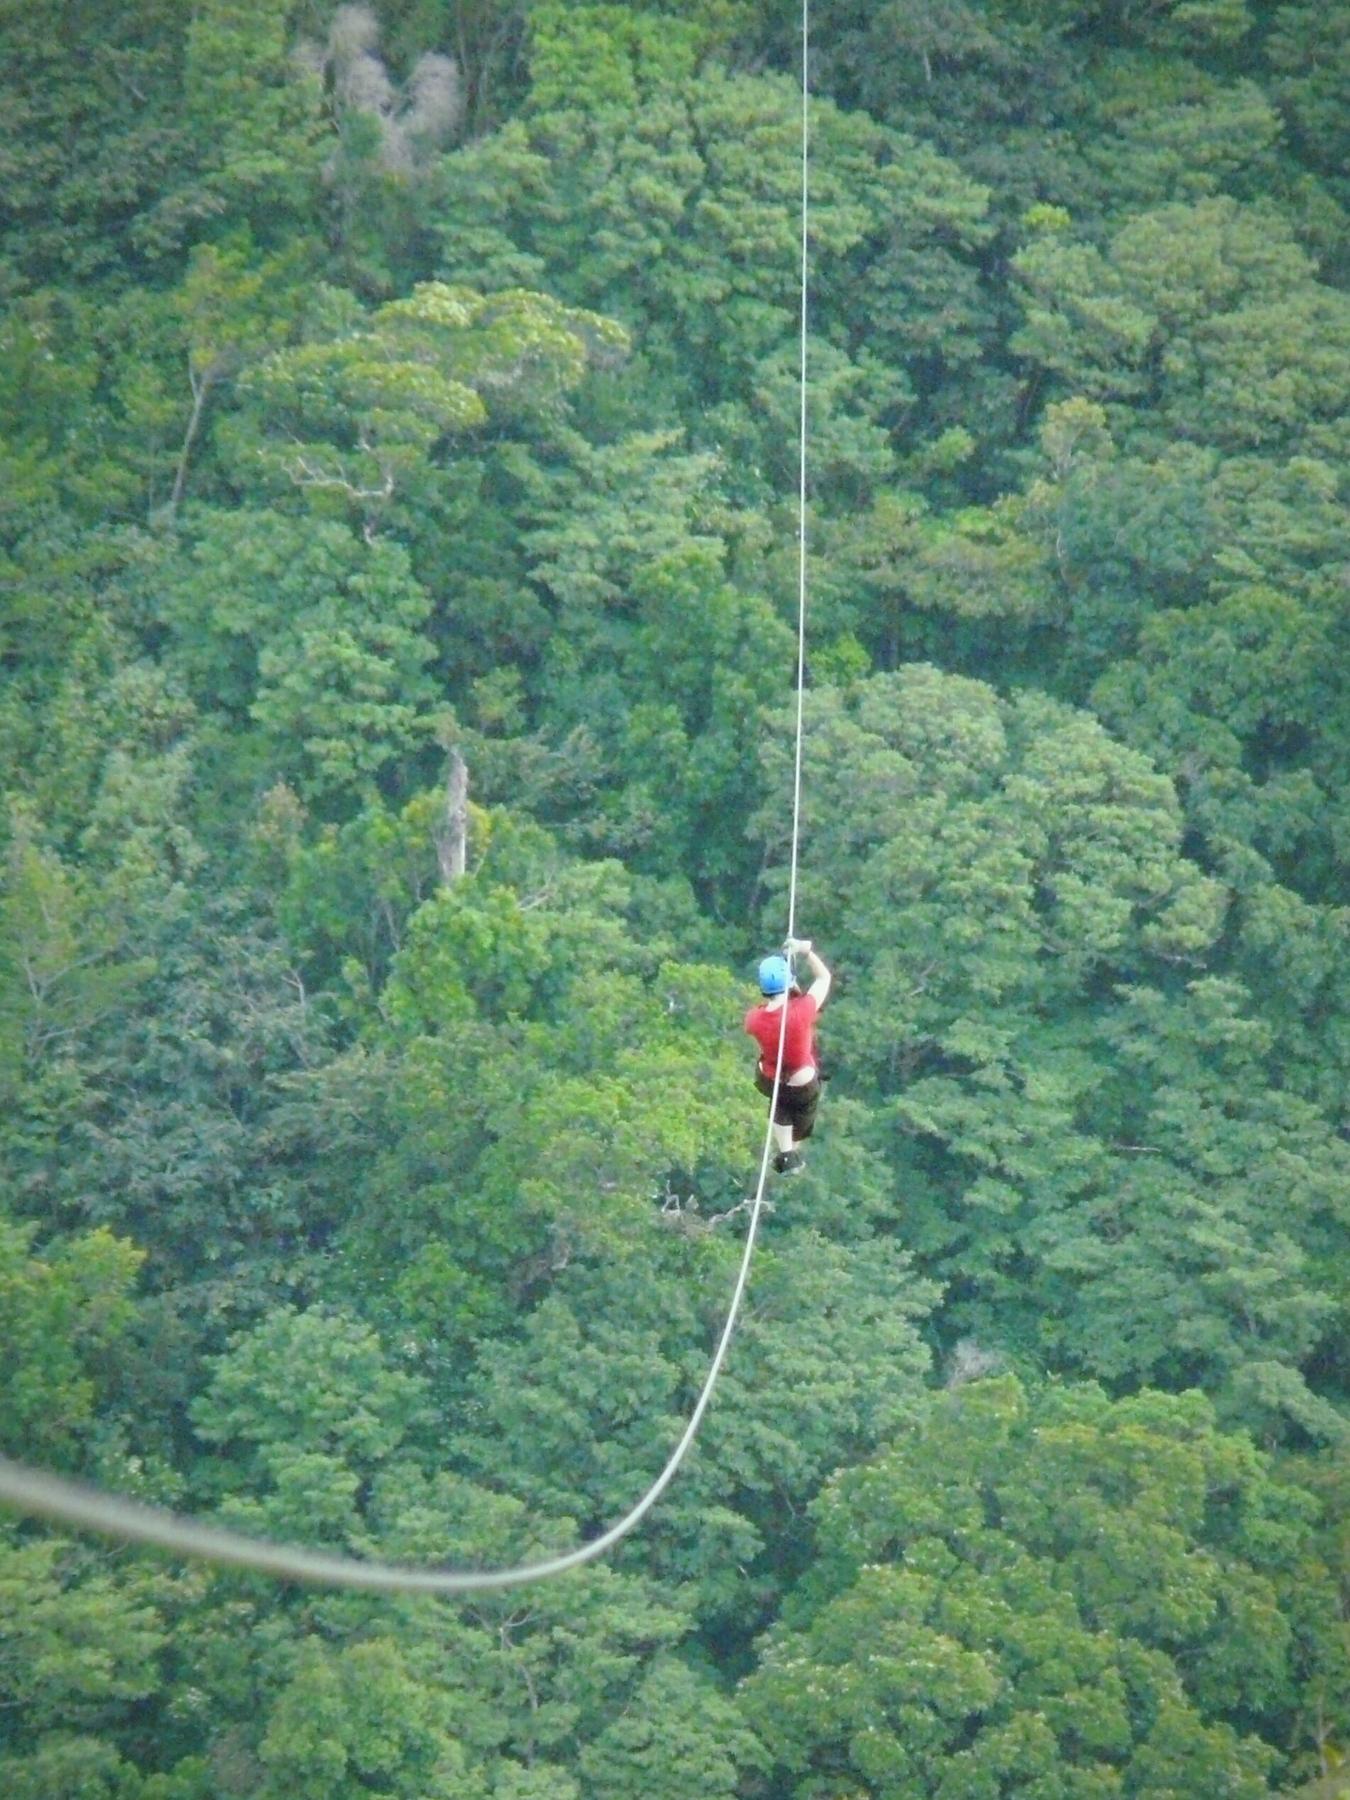 Ζipline στην Κόστα Ρίκα - βιώσιμος τουρισμός και πράσινα ταξίδια το 2020